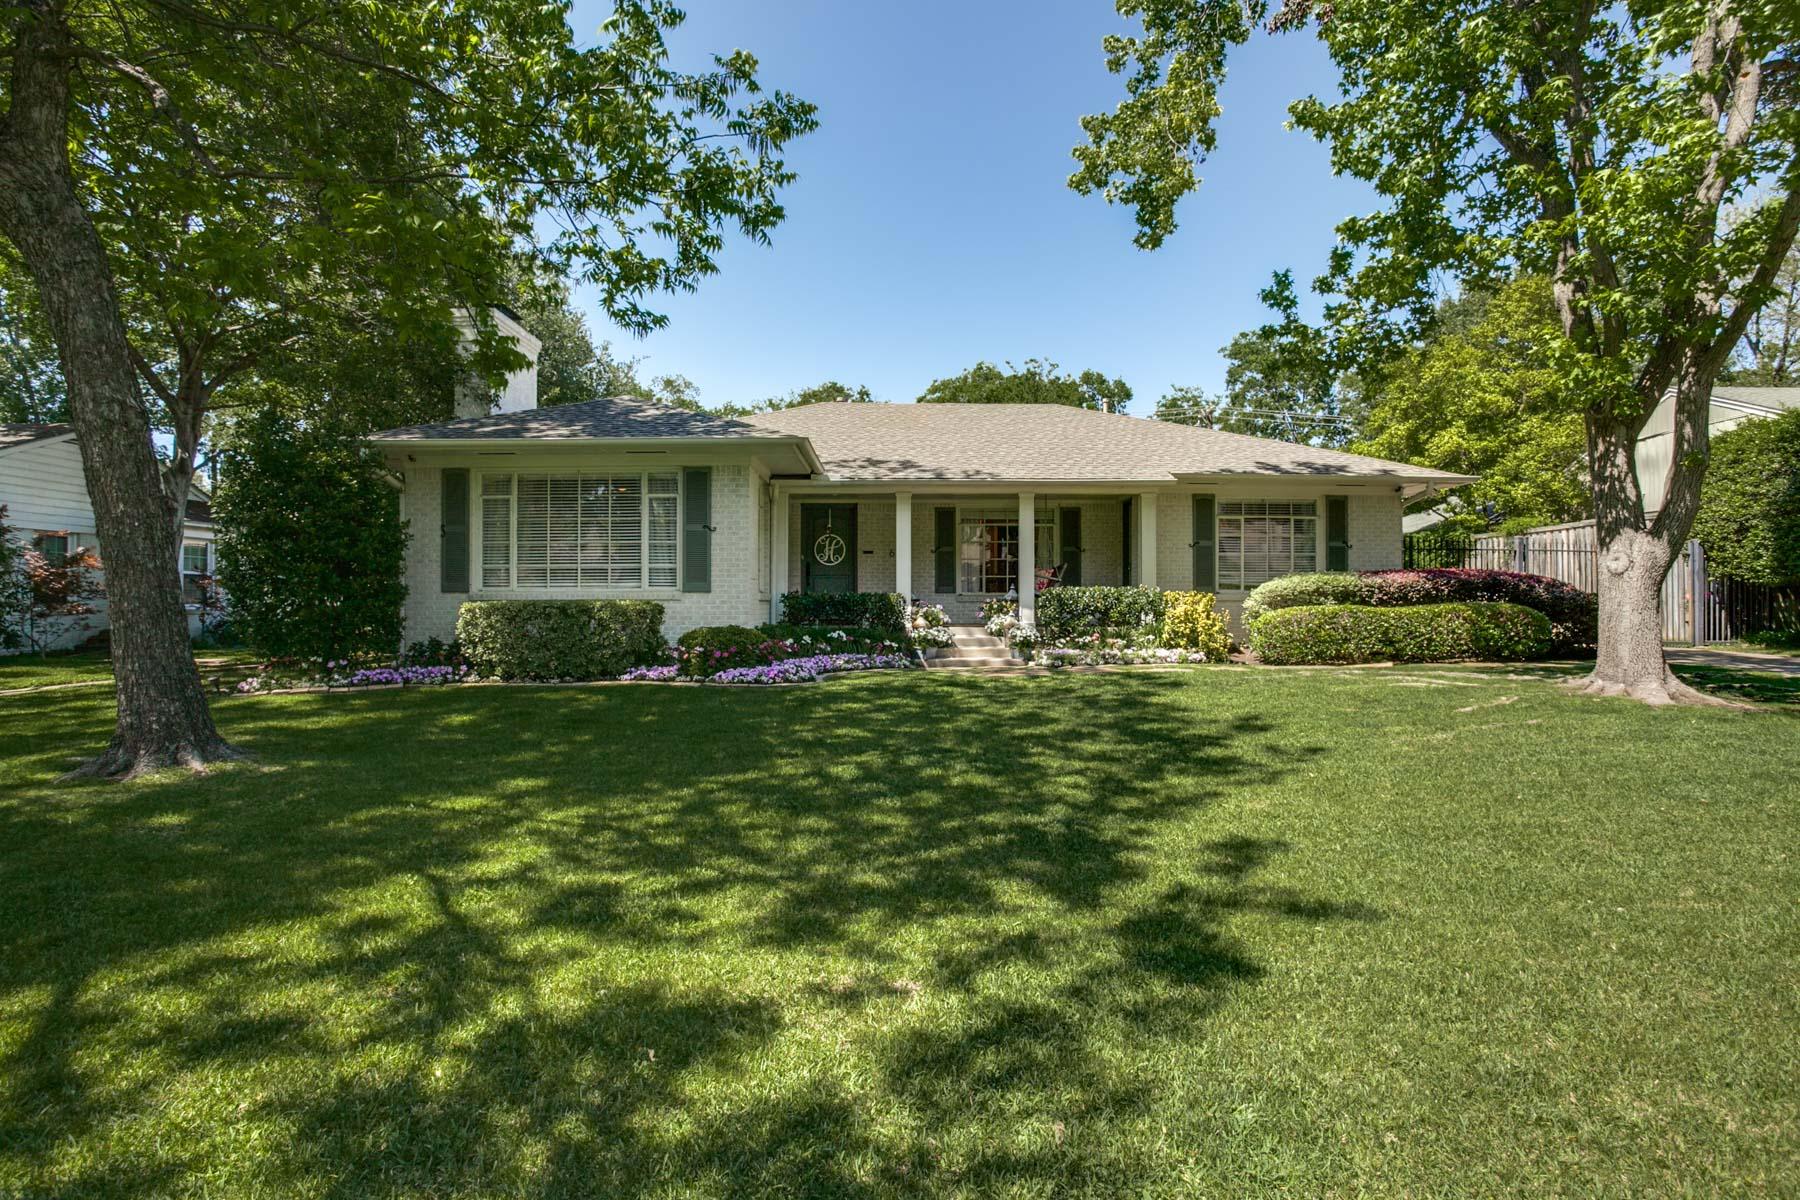 独户住宅 为 销售 在 Terrific Preston Hollow Home 6231 Del Norte Ln 达拉斯, 得克萨斯州, 75225 美国